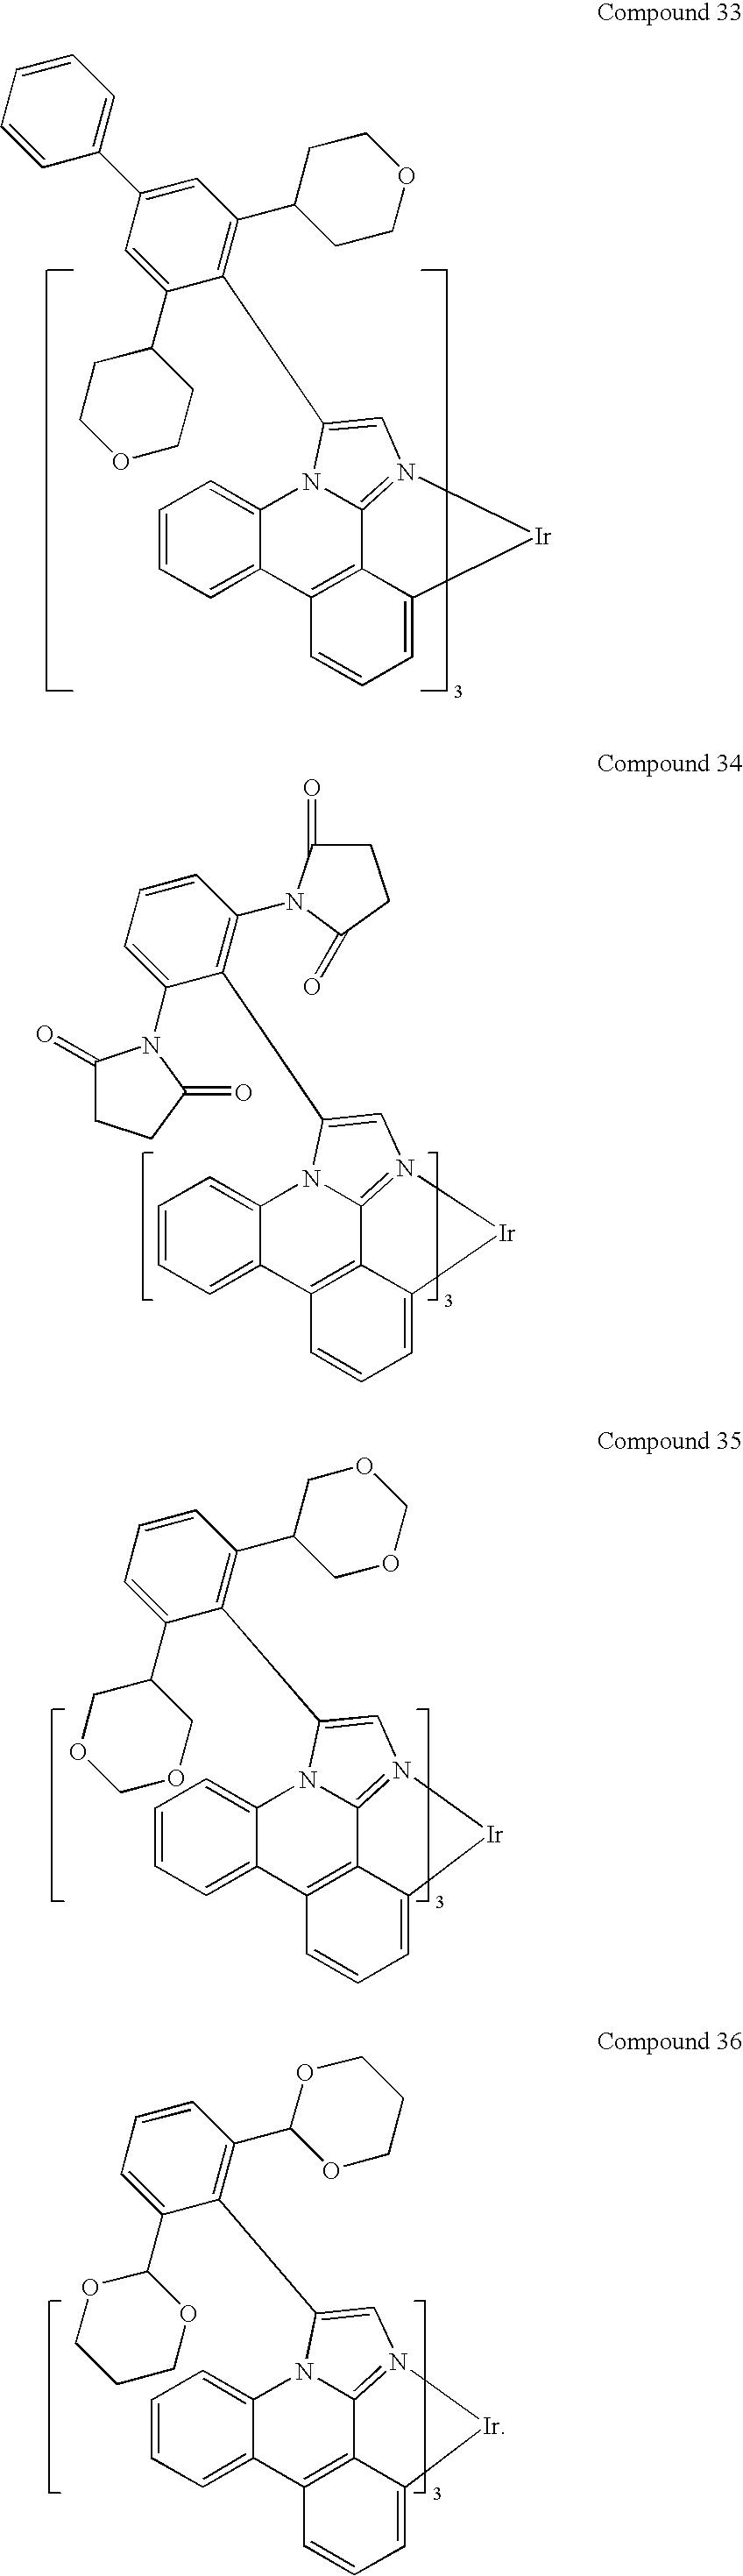 Figure US20100148663A1-20100617-C00015